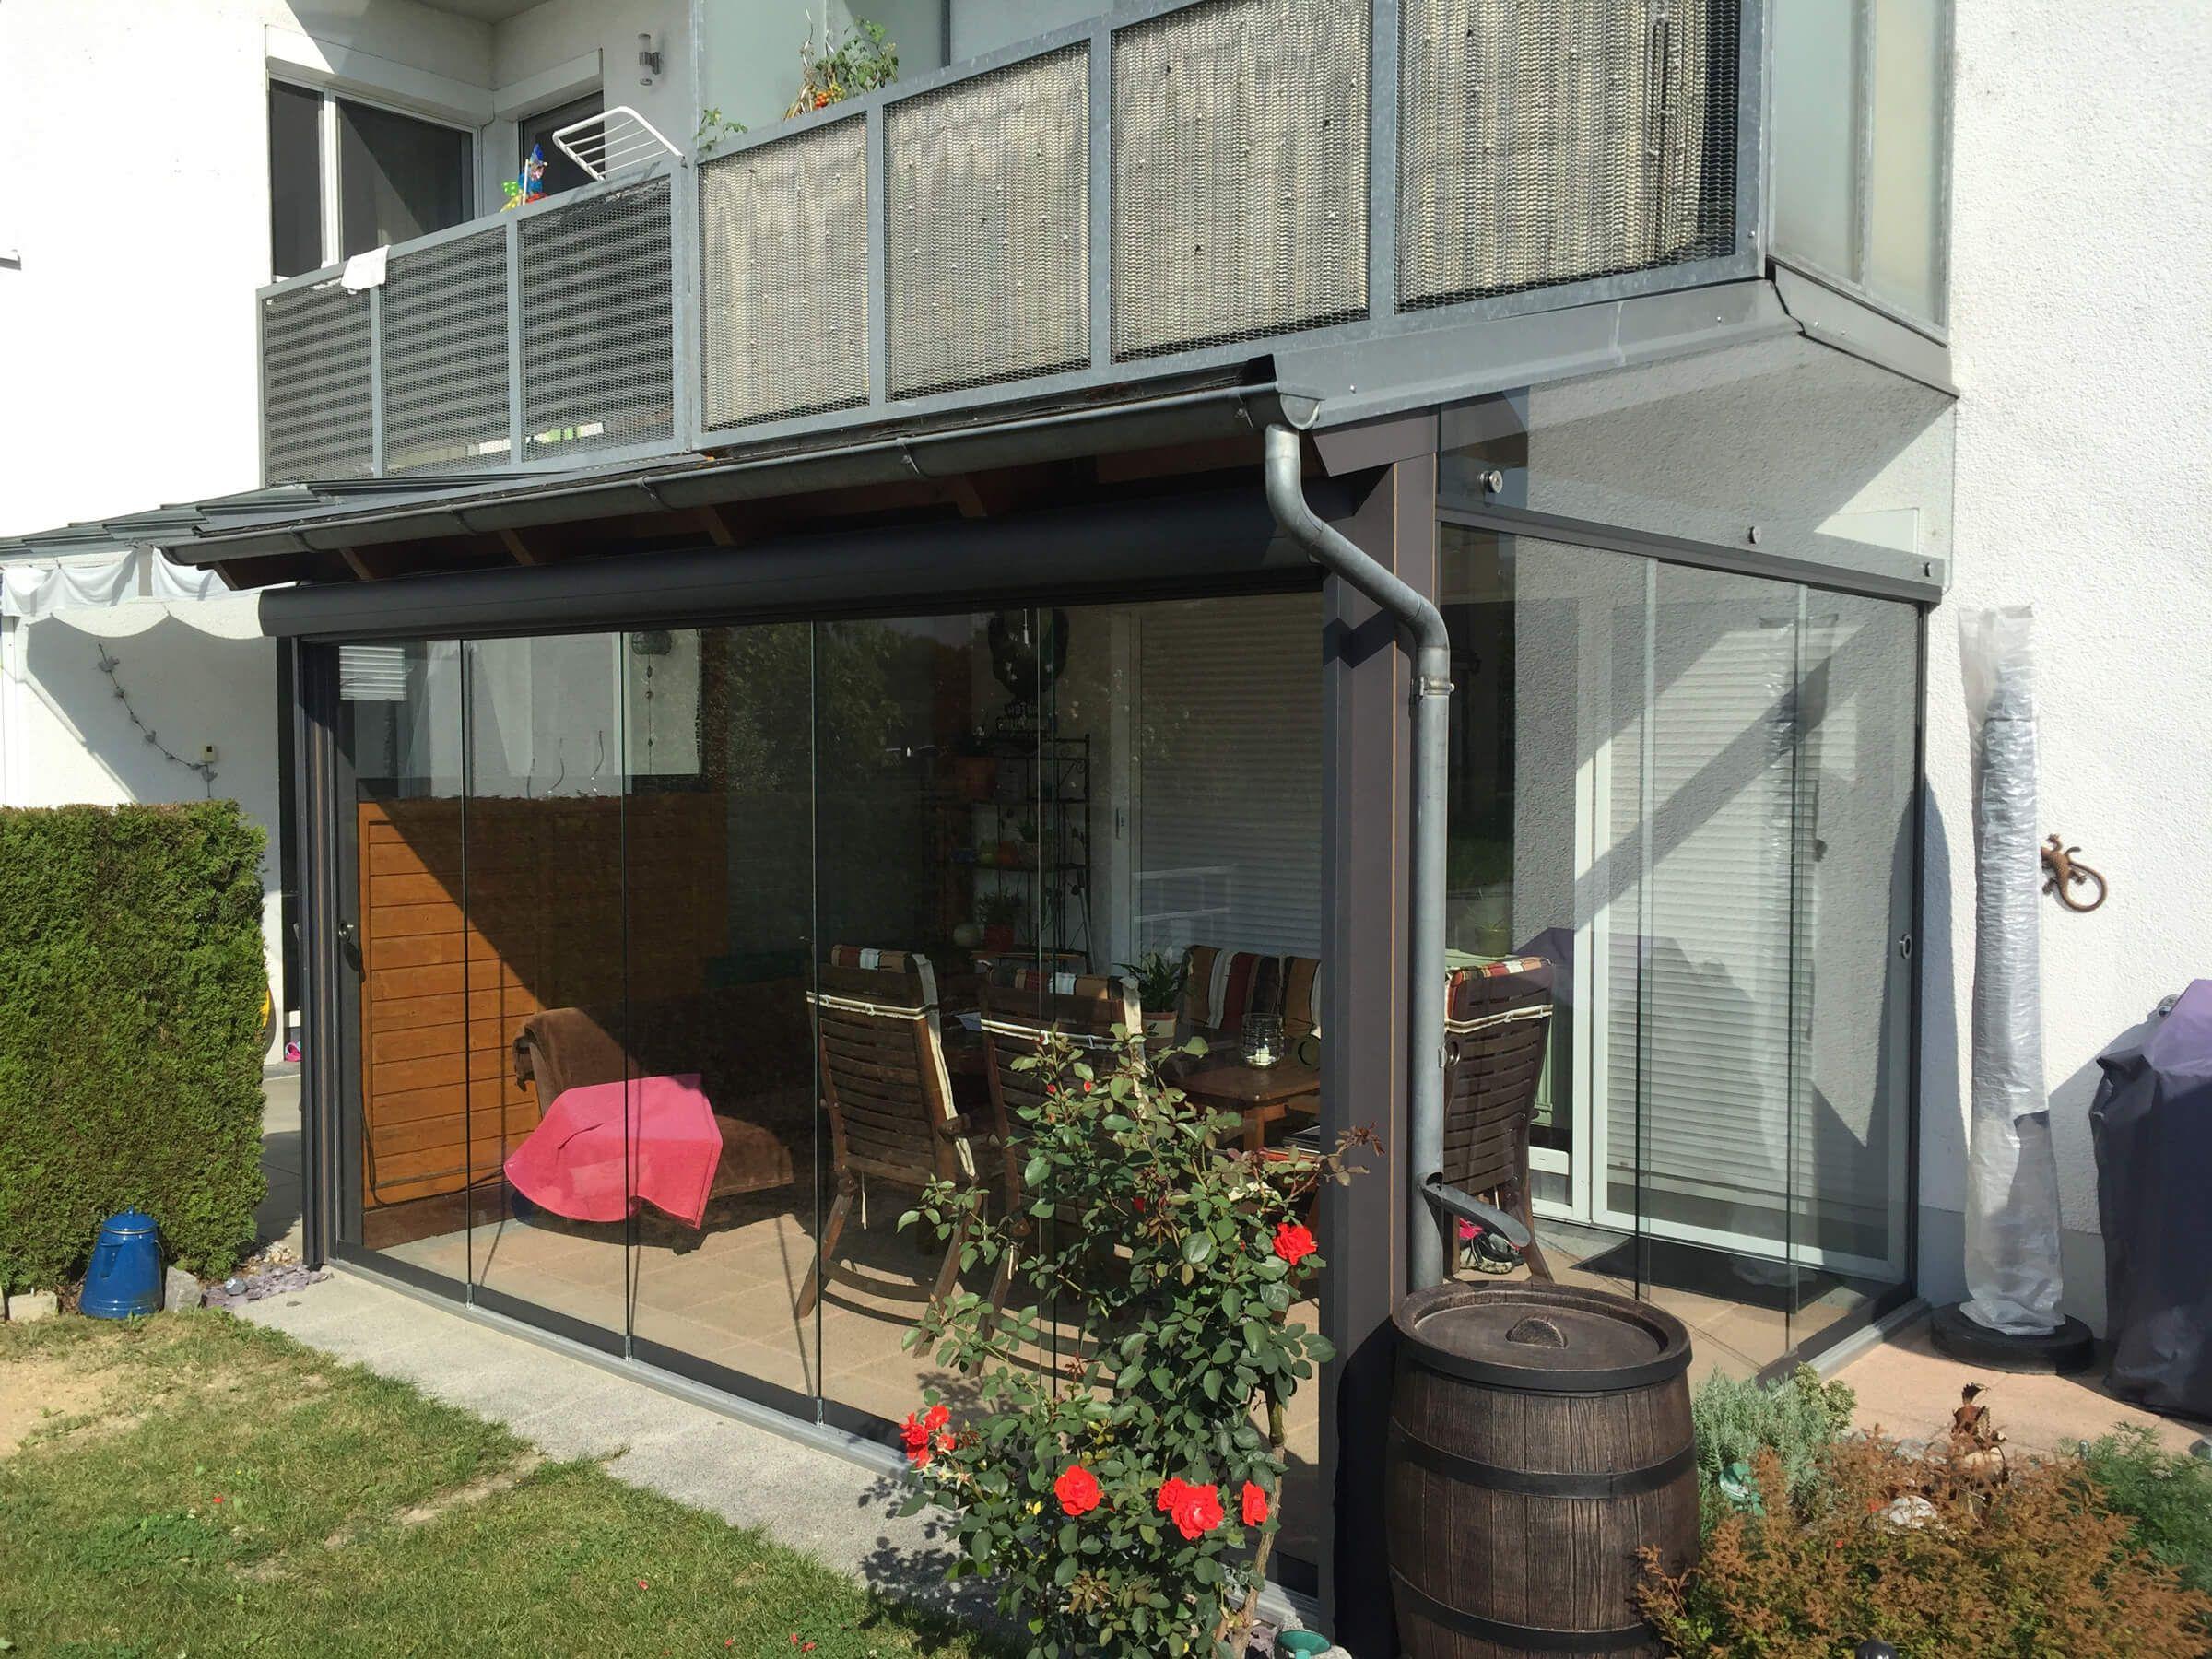 Wintergartenanbau Glas Anlehnwintergarten mit